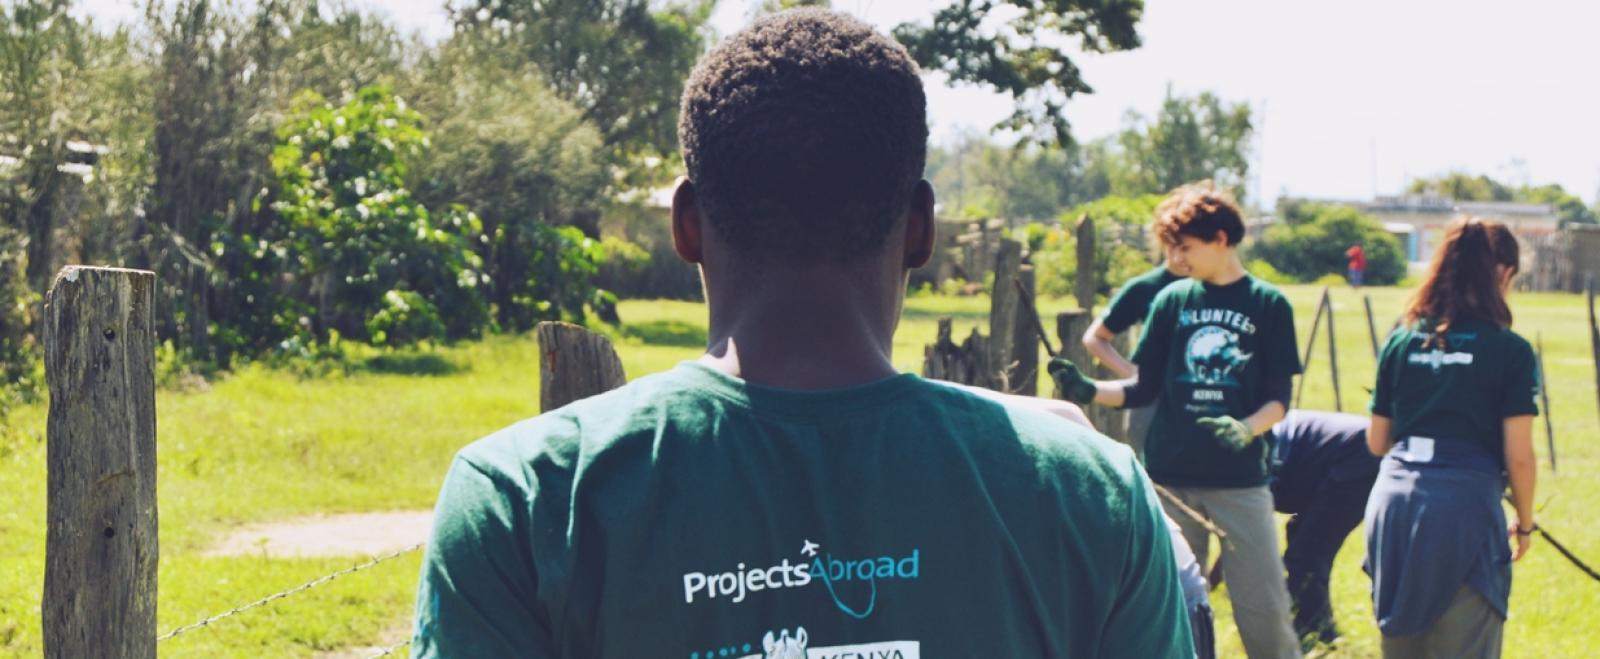 ケニアの大地で環境保護活動に取り組むプロジェクトアブロードのボランティアたち